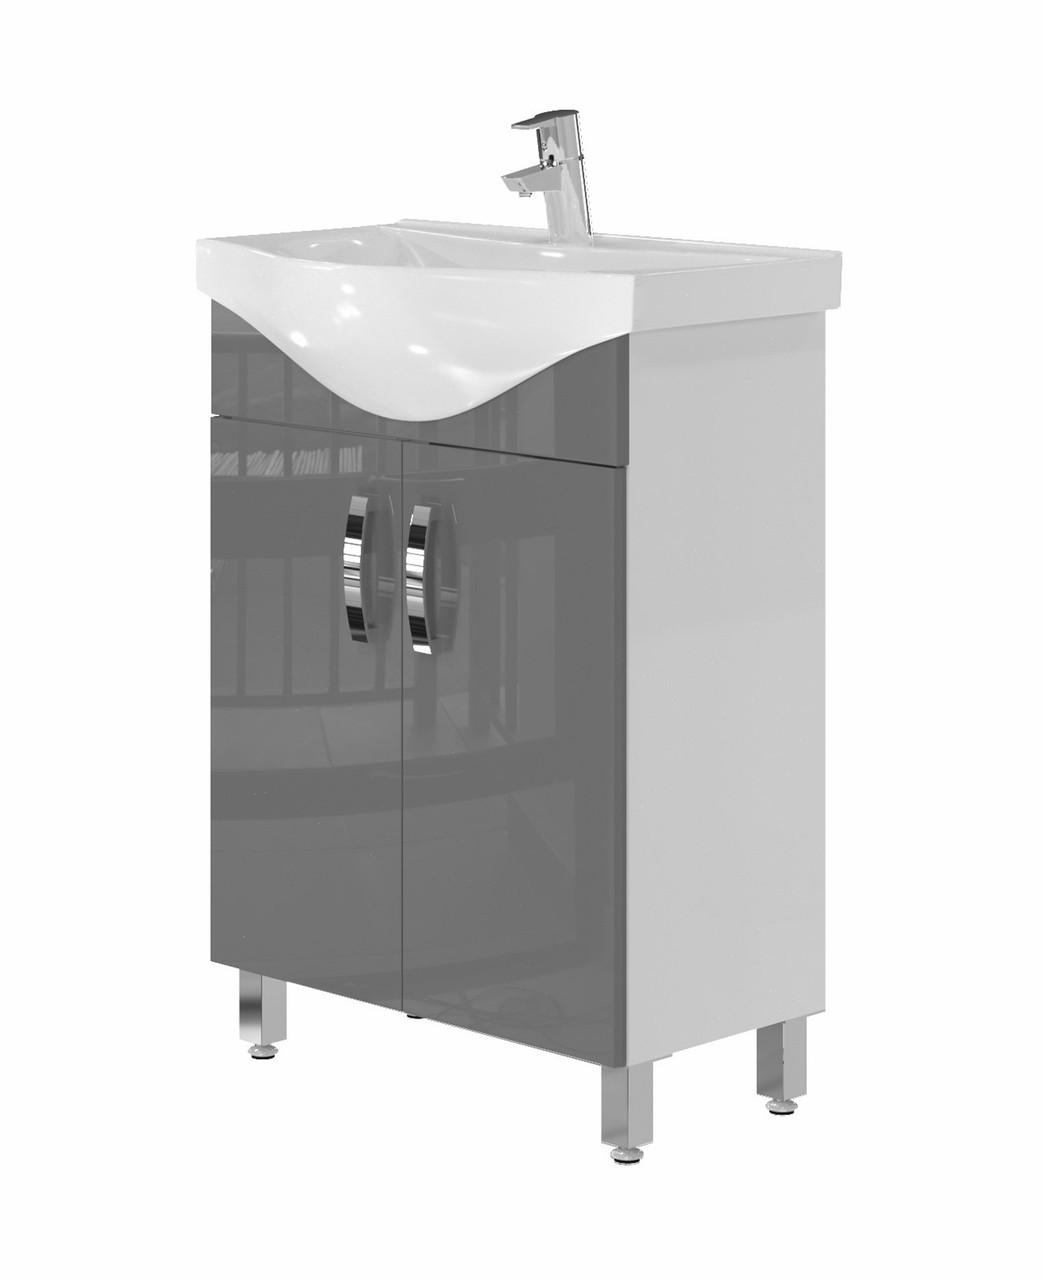 Тумба для ванной Juventa Trento Trn-60 с умывальником Vittoria-60 серая